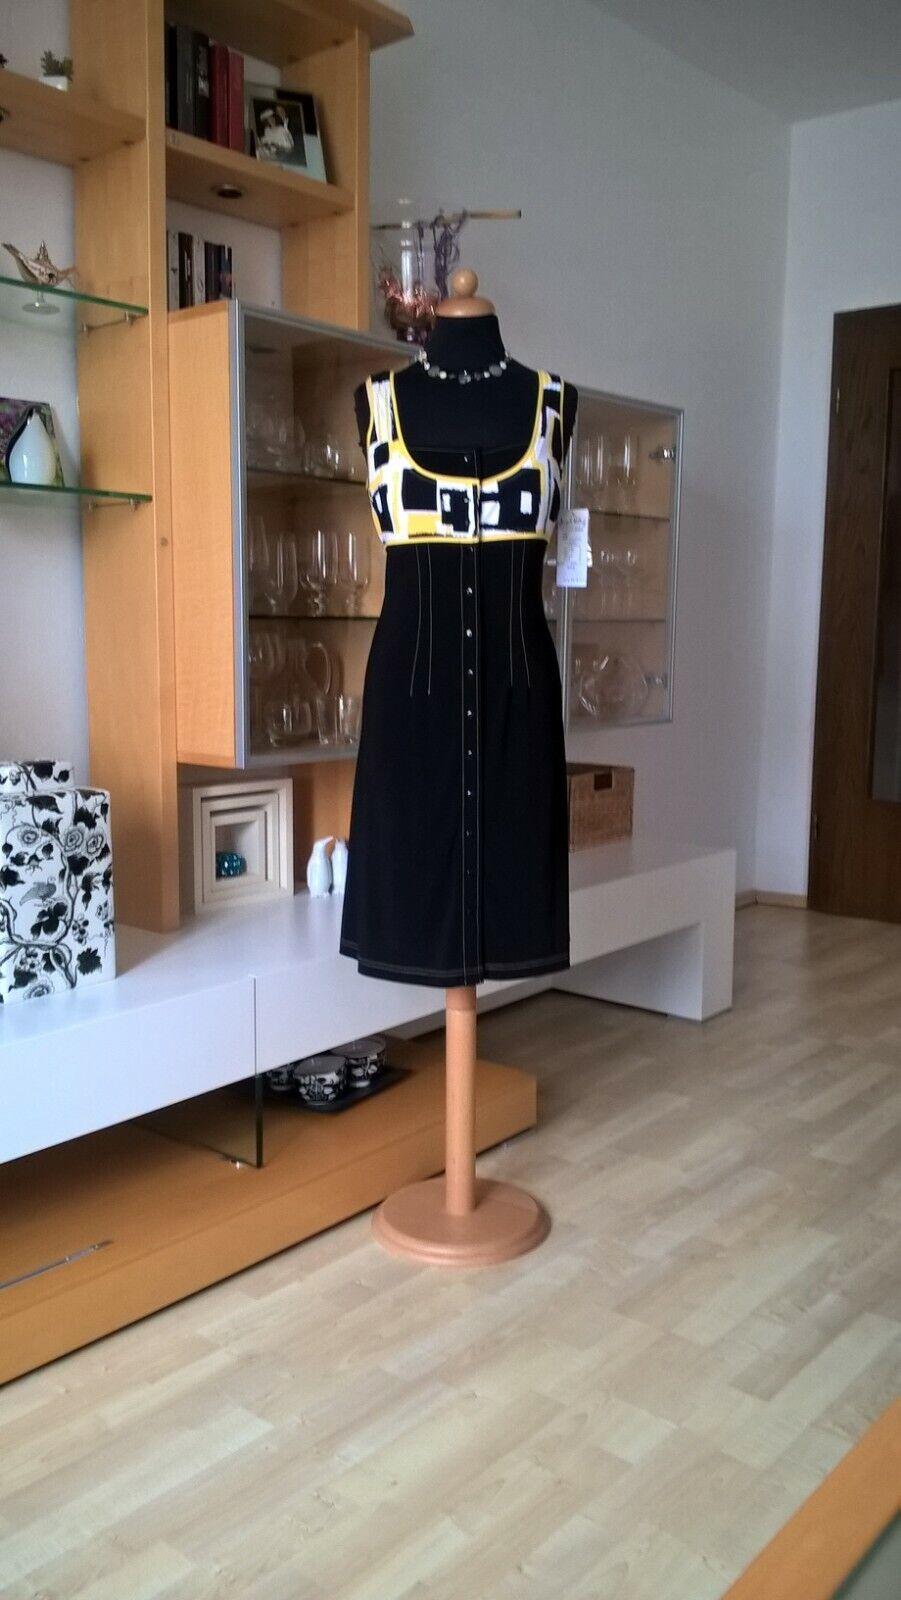 JOSEPH RIBKOFF  Kleid Gr 40 schwarz gelb weiß weiß weiß Karo Knöpfe neu mit Etikett | In hohem Grade geschätzt und weit vertrautes herein und heraus  | Auktion  3dba6c